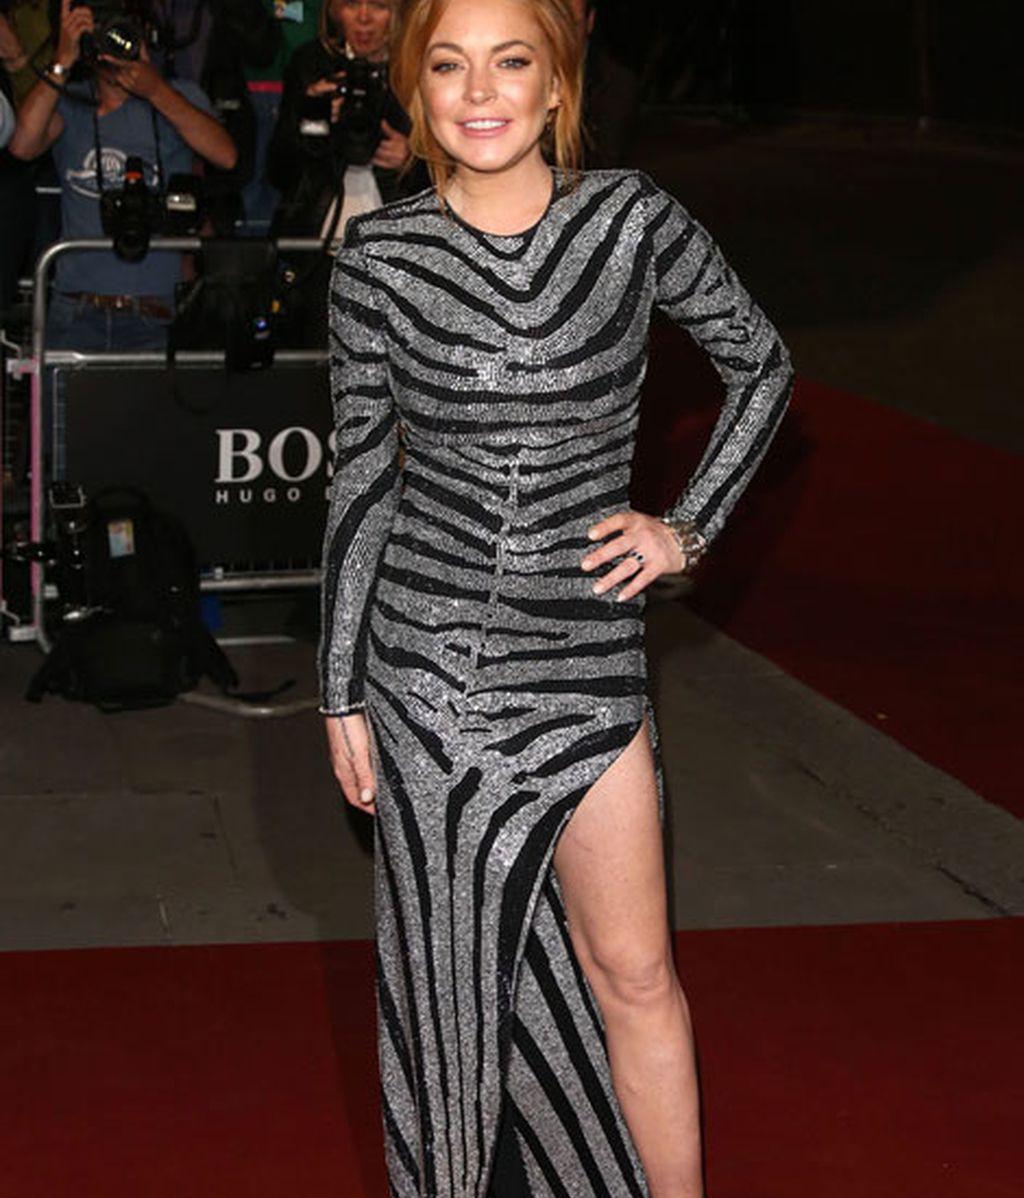 Lindsay Lohan con vestido platedo de print de cebra y abertura en la pierna